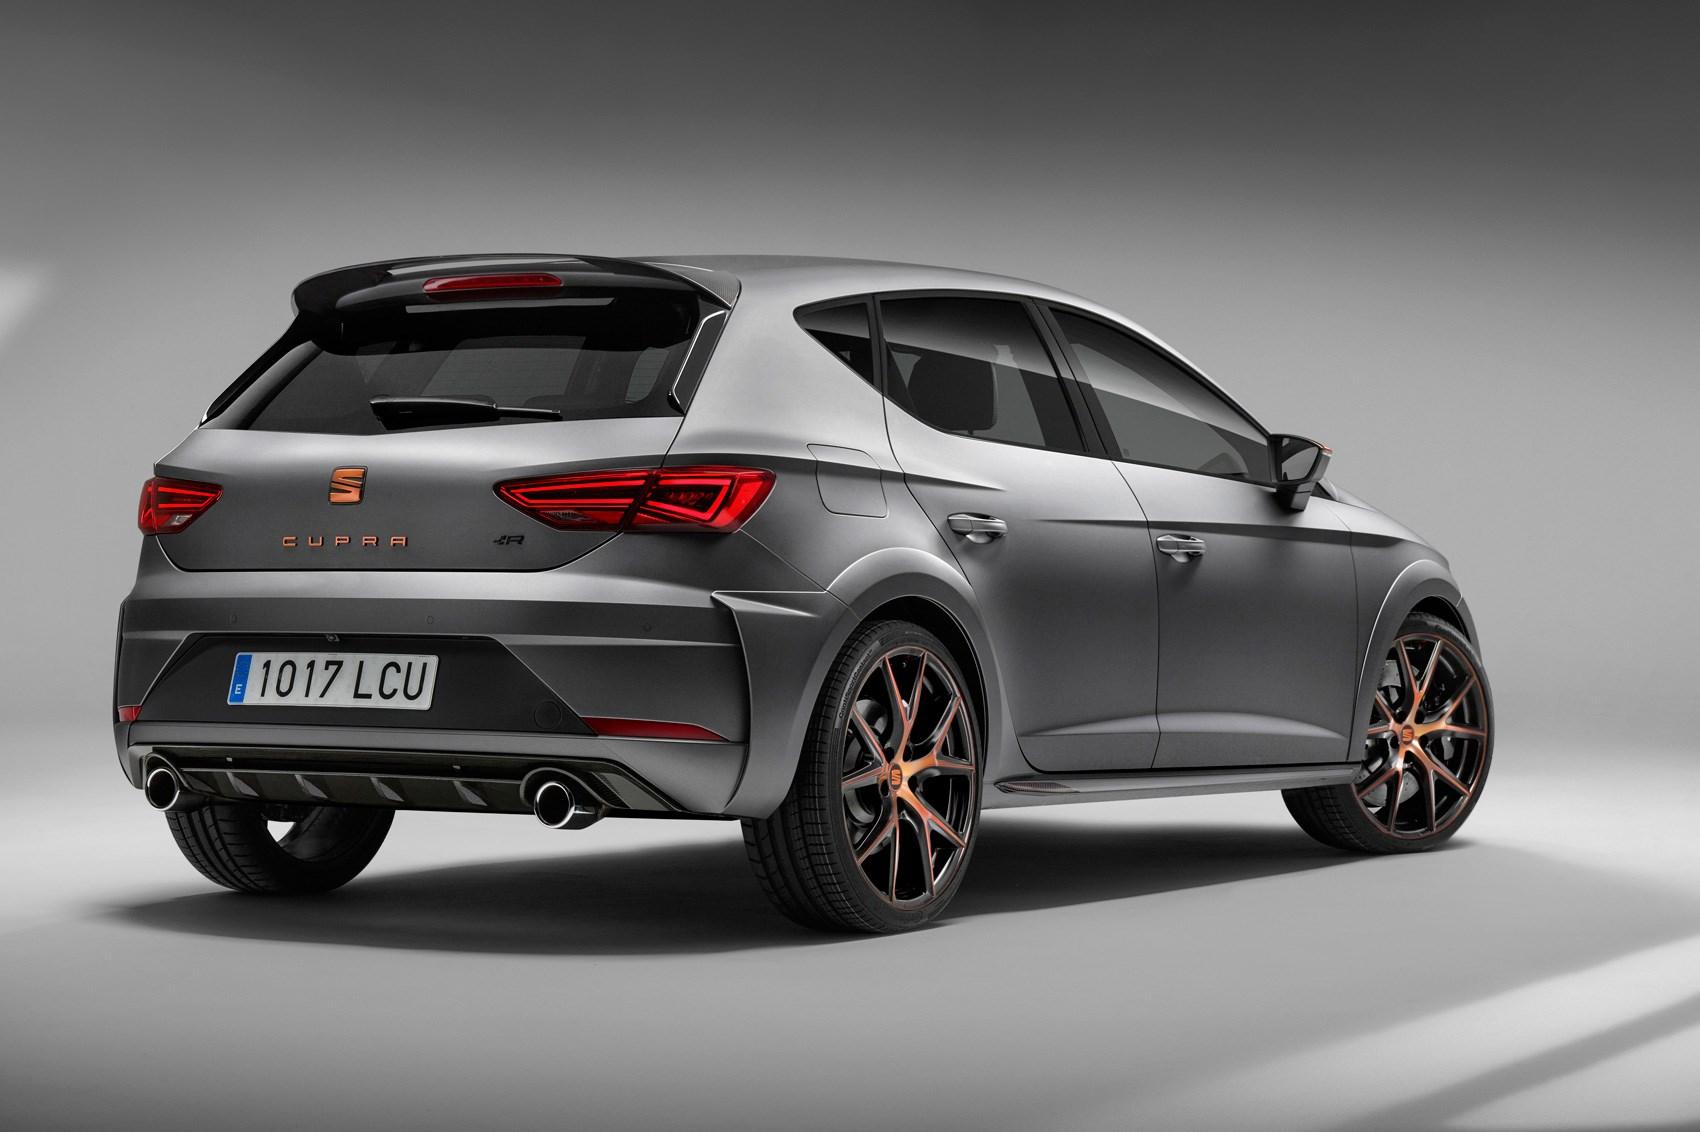 Cupra plus copper: new Seat Leon Cupra R revealed | CAR ...